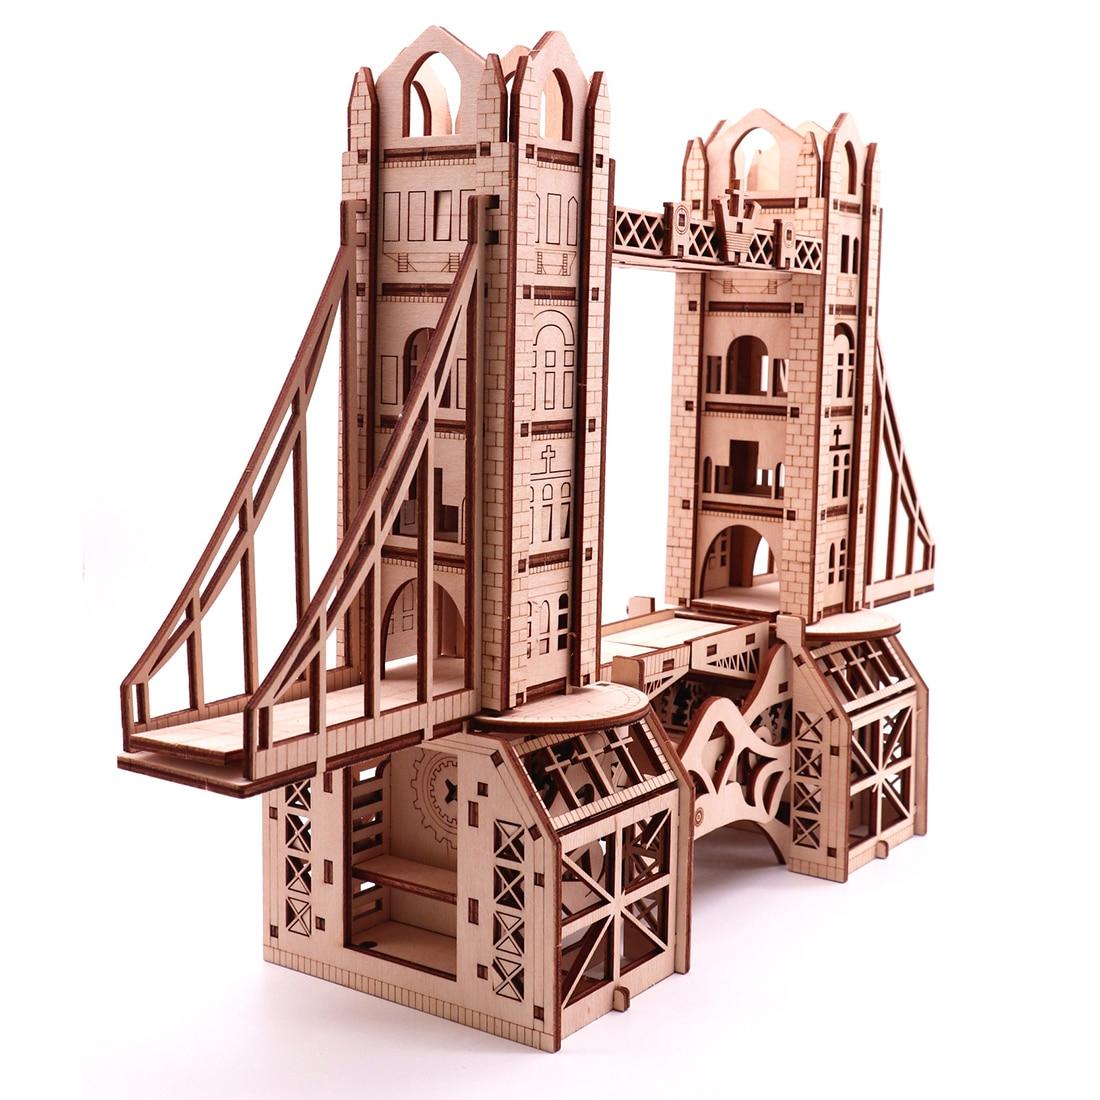 Двойной цилиндр Стирлинг Модель двигателя наборы физика научный эксперимент DIY Модели Строительные наборы игрушки для детей - 4